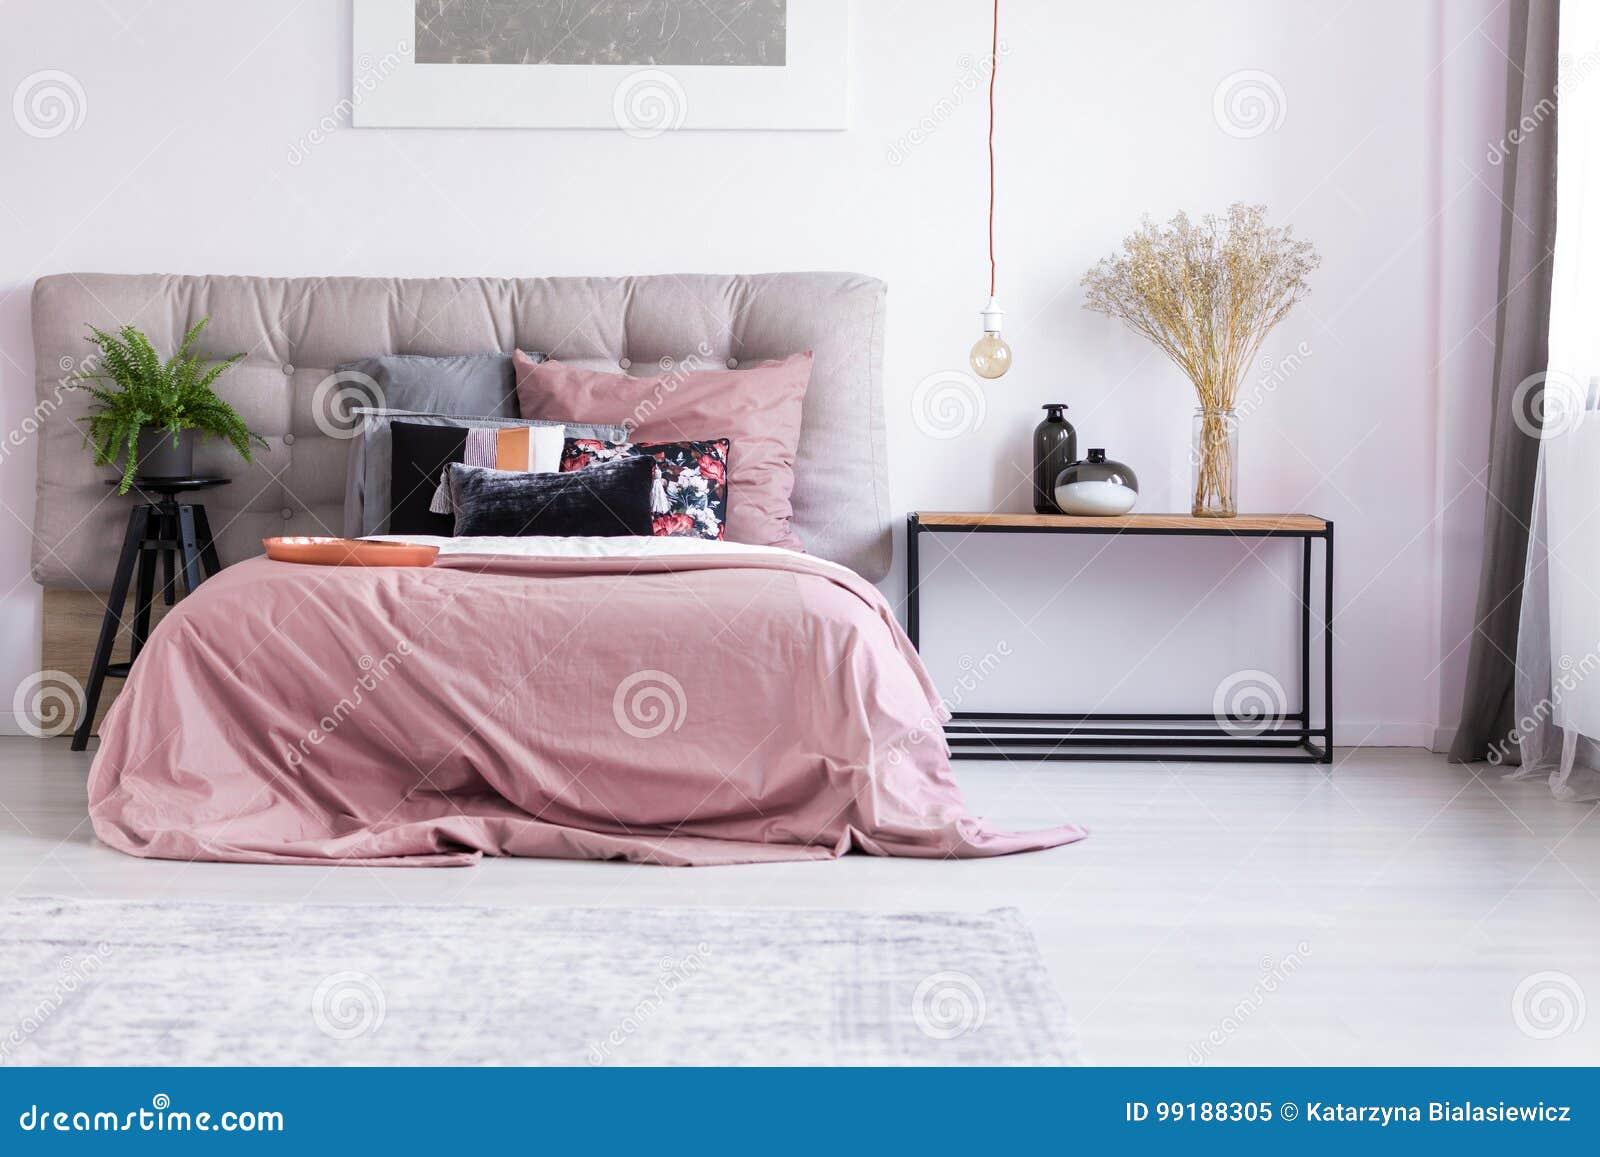 Pastelkleur Roze Slaapkamer Met Installatie Stock Afbeelding ...